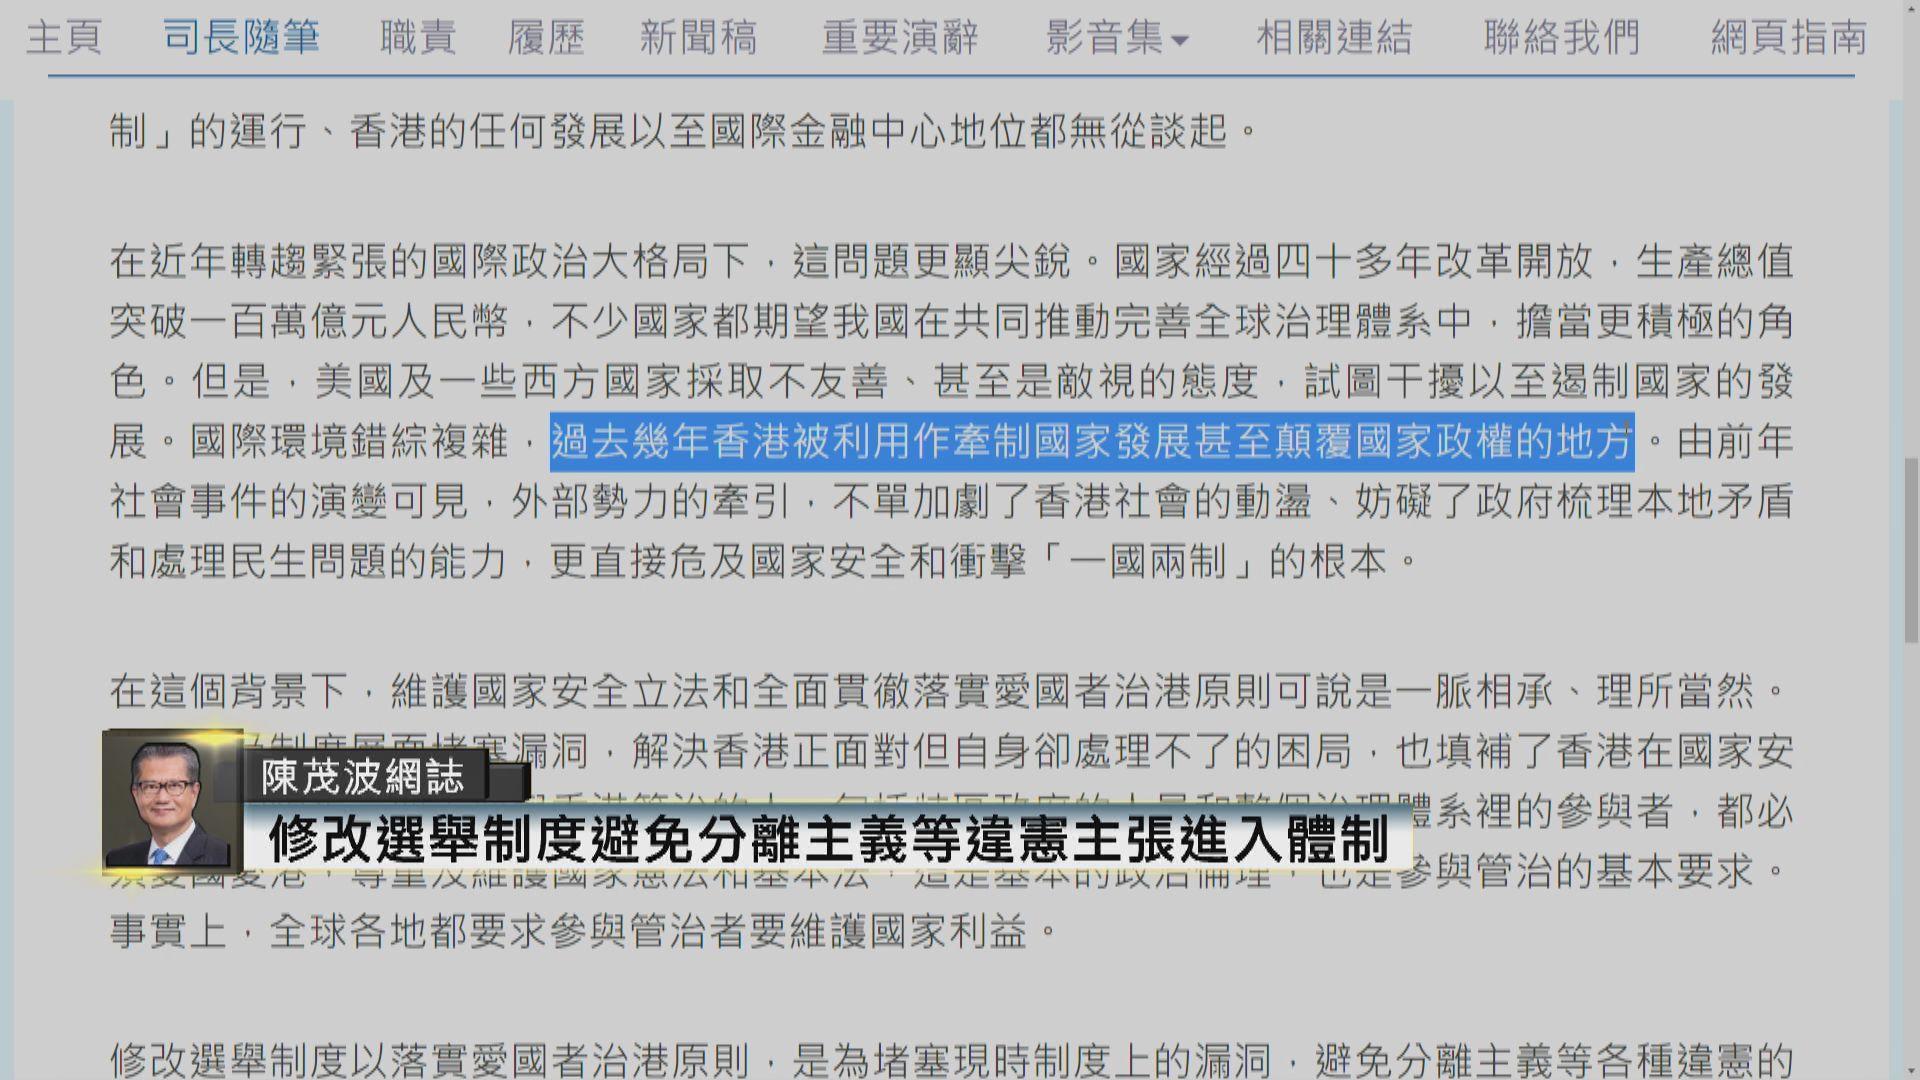 陳茂波:避免各種違憲主張進入本港治理體制